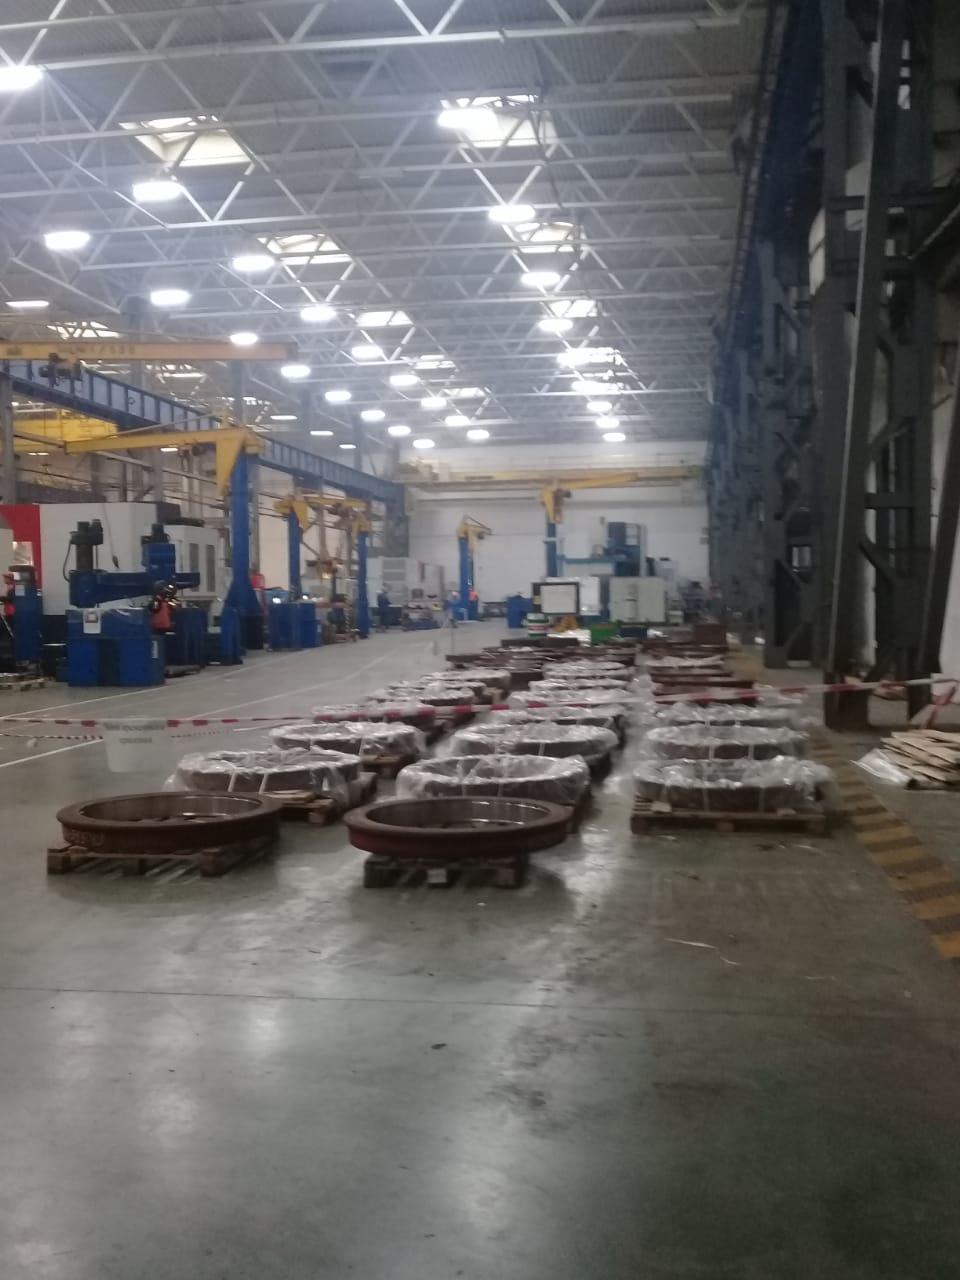 جولة لليوم السابع بمصنع جرارات السكة الحديد الروسى (12)